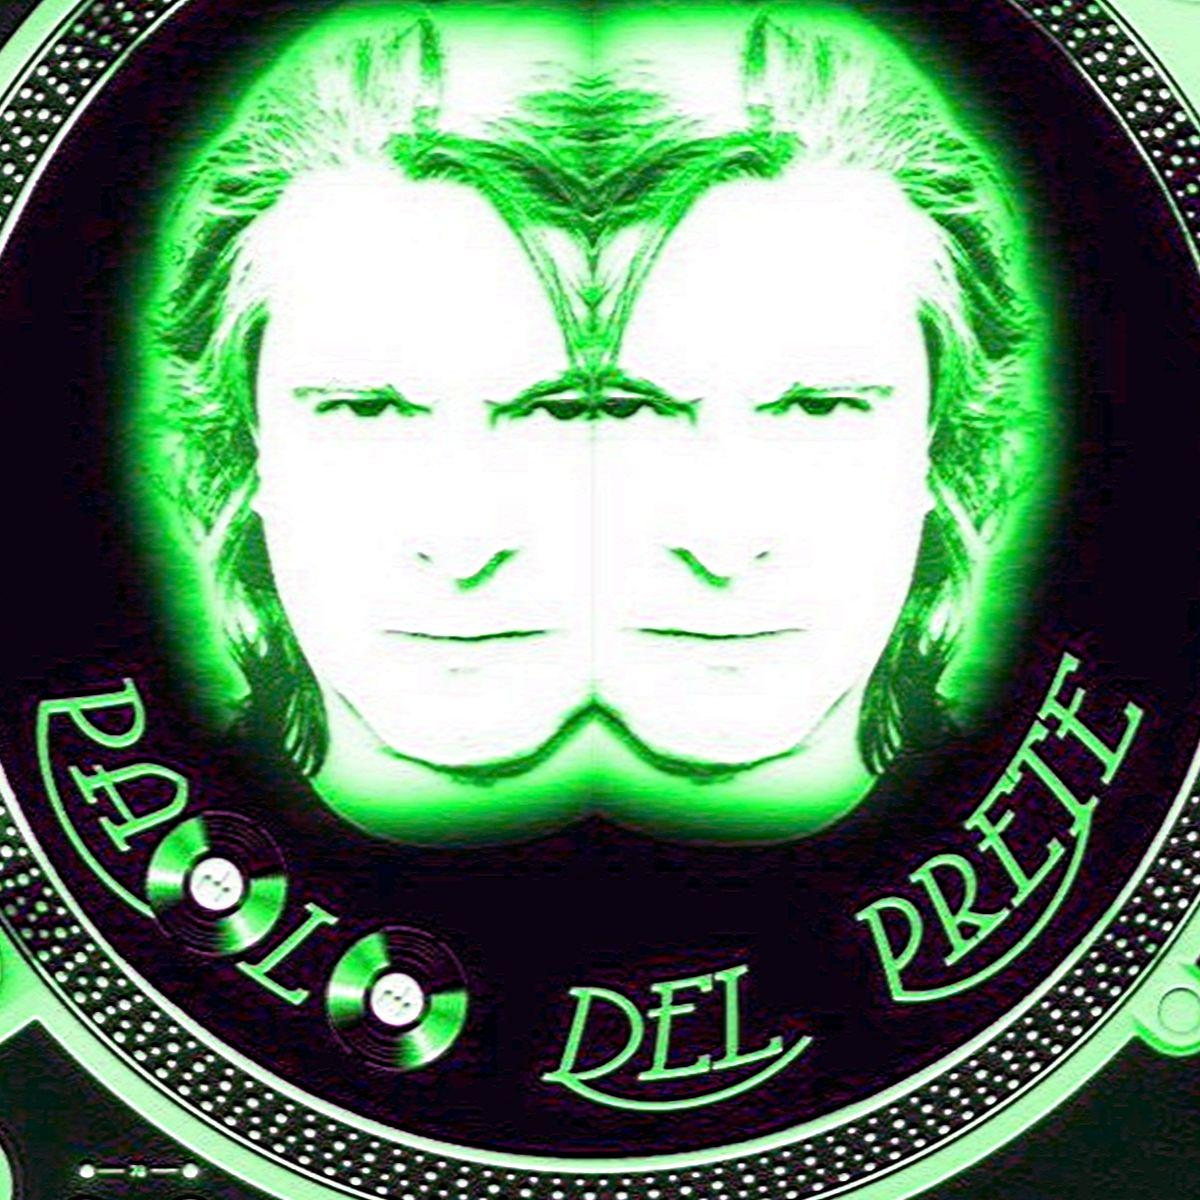 Paolo Del Prete